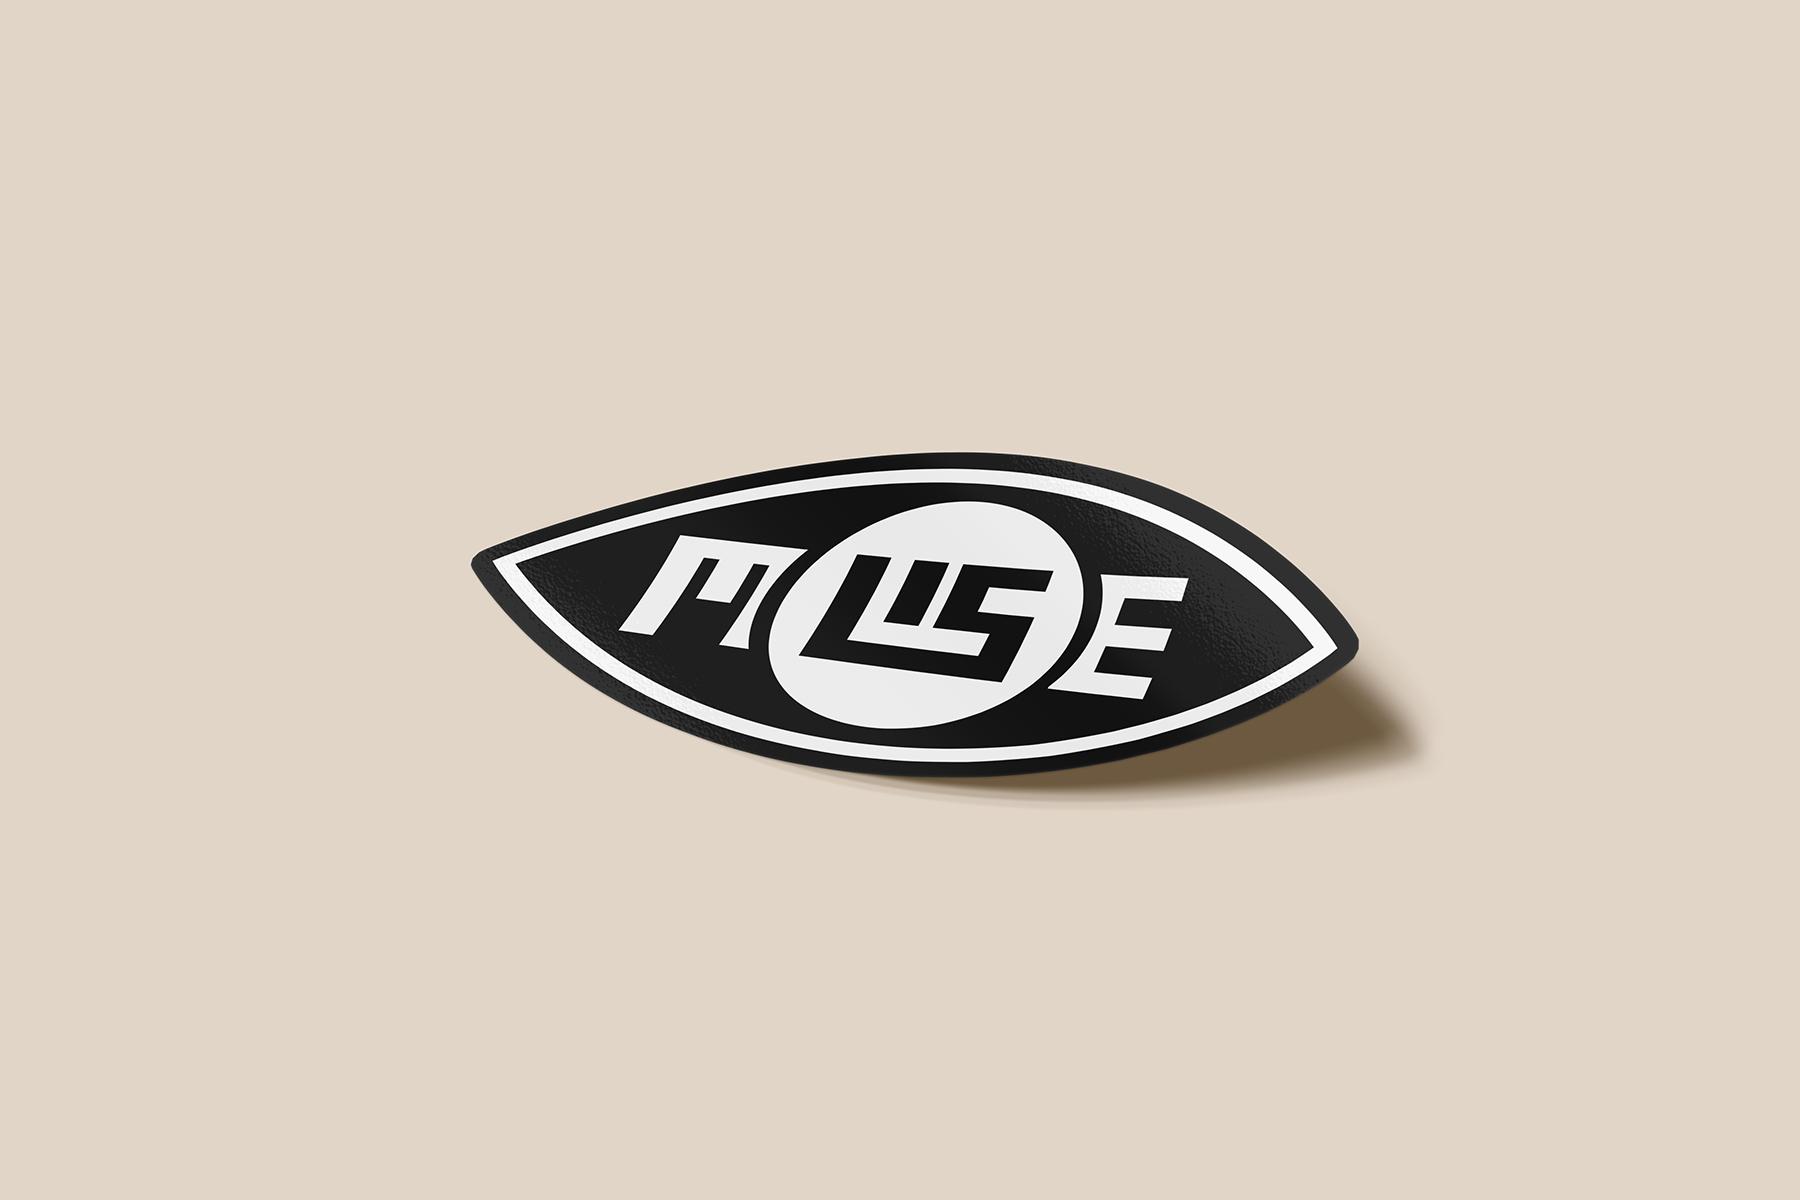 JALASTAIR Muse Sticker